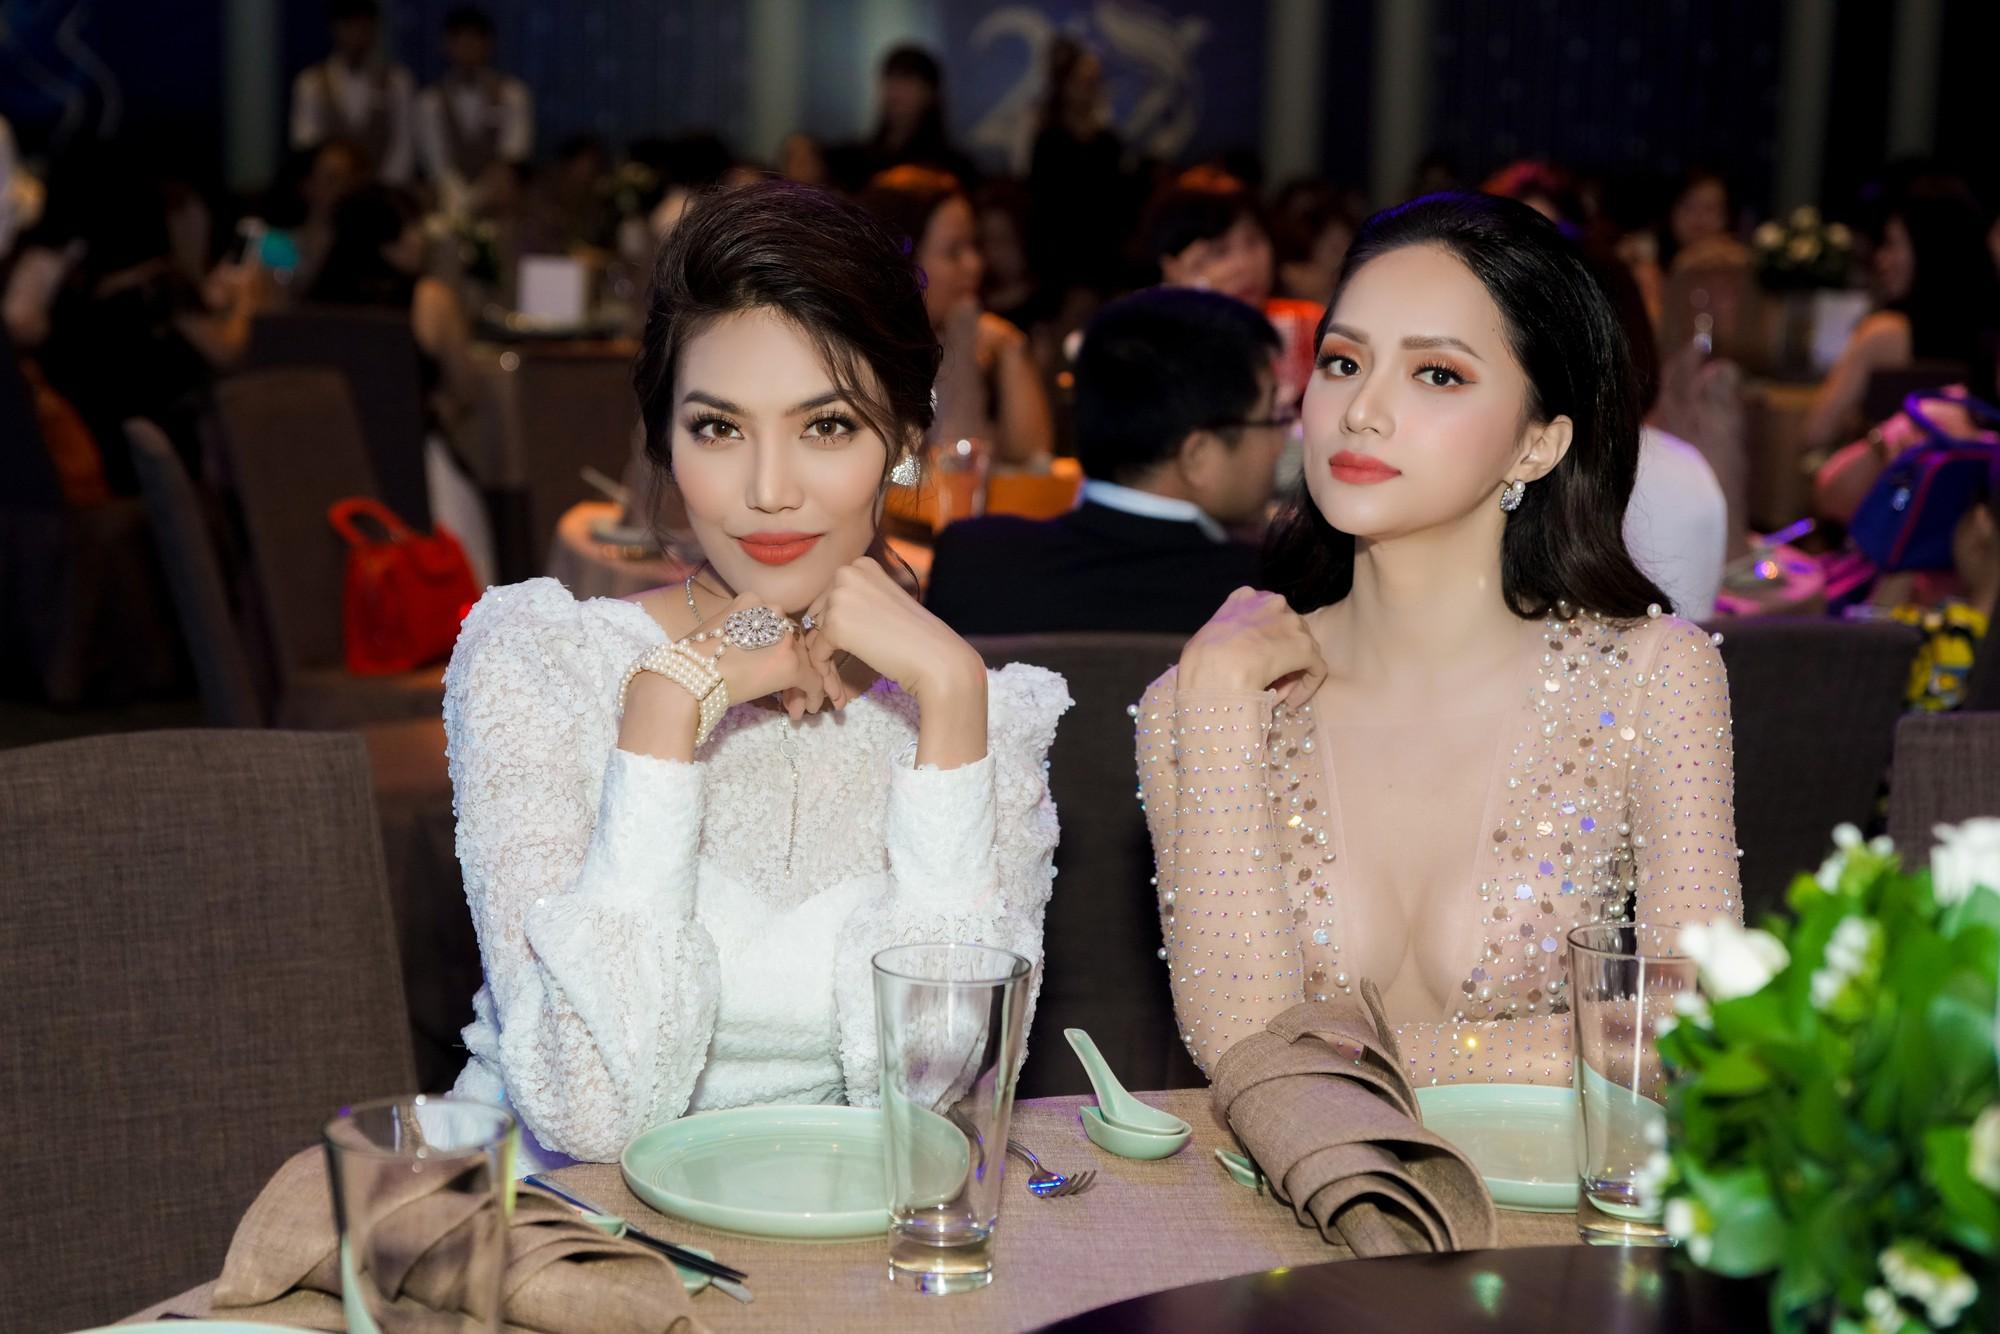 Hương Giang quyến rũ với váy xuyên thấu bó sát, Lan Khuê diện váy trắng tinh khôi như cô dâu tại sự kiện - Ảnh 11.